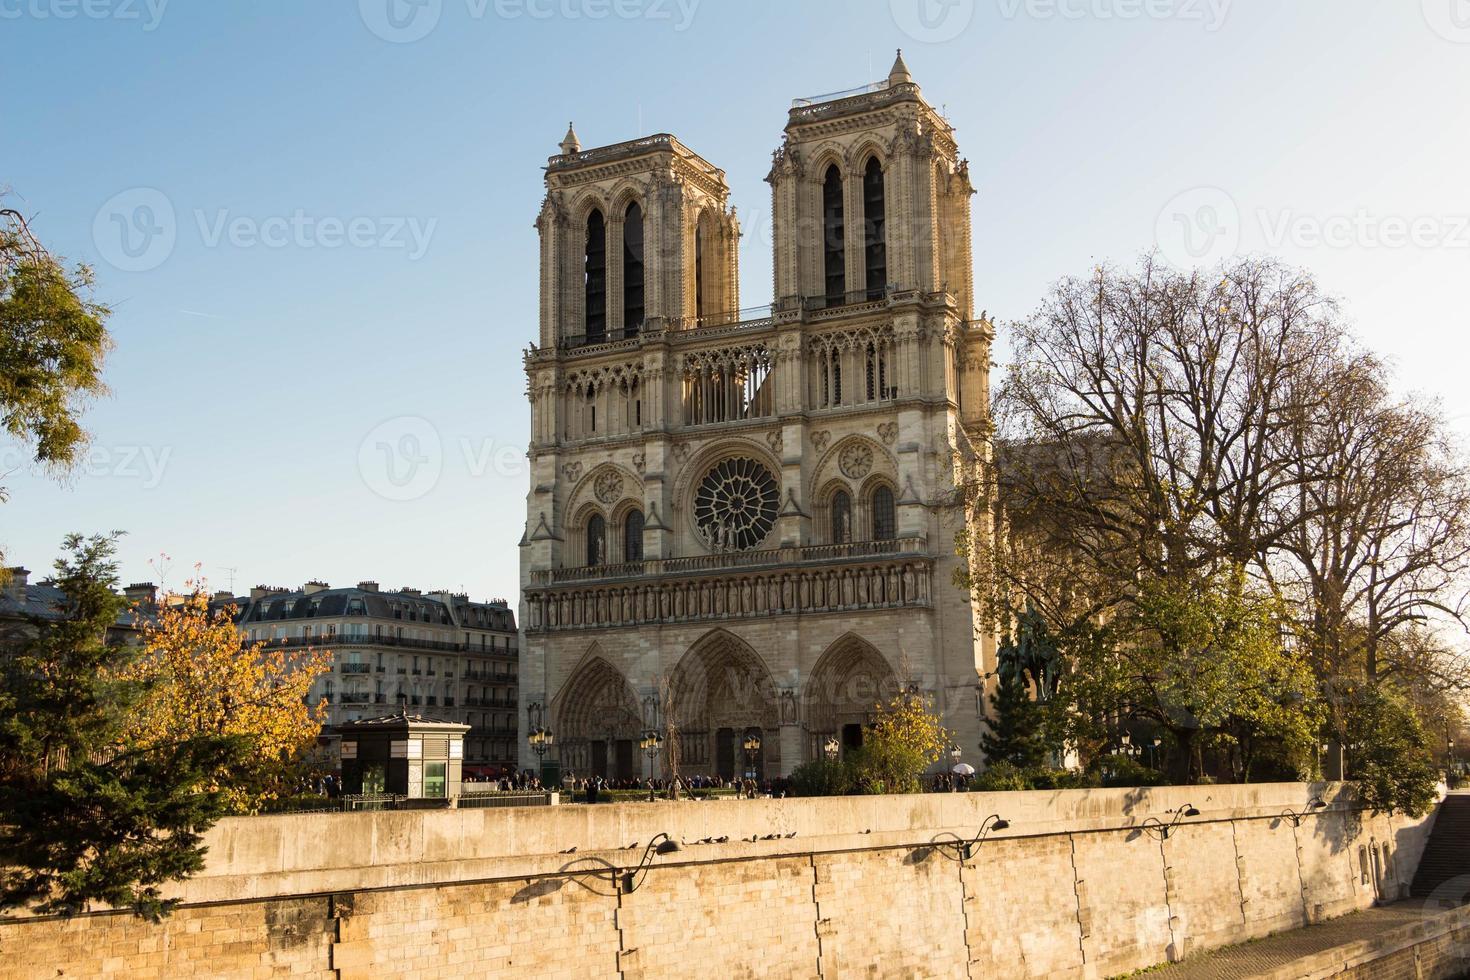 die notre dame kathedrale, paris, frankreich. foto